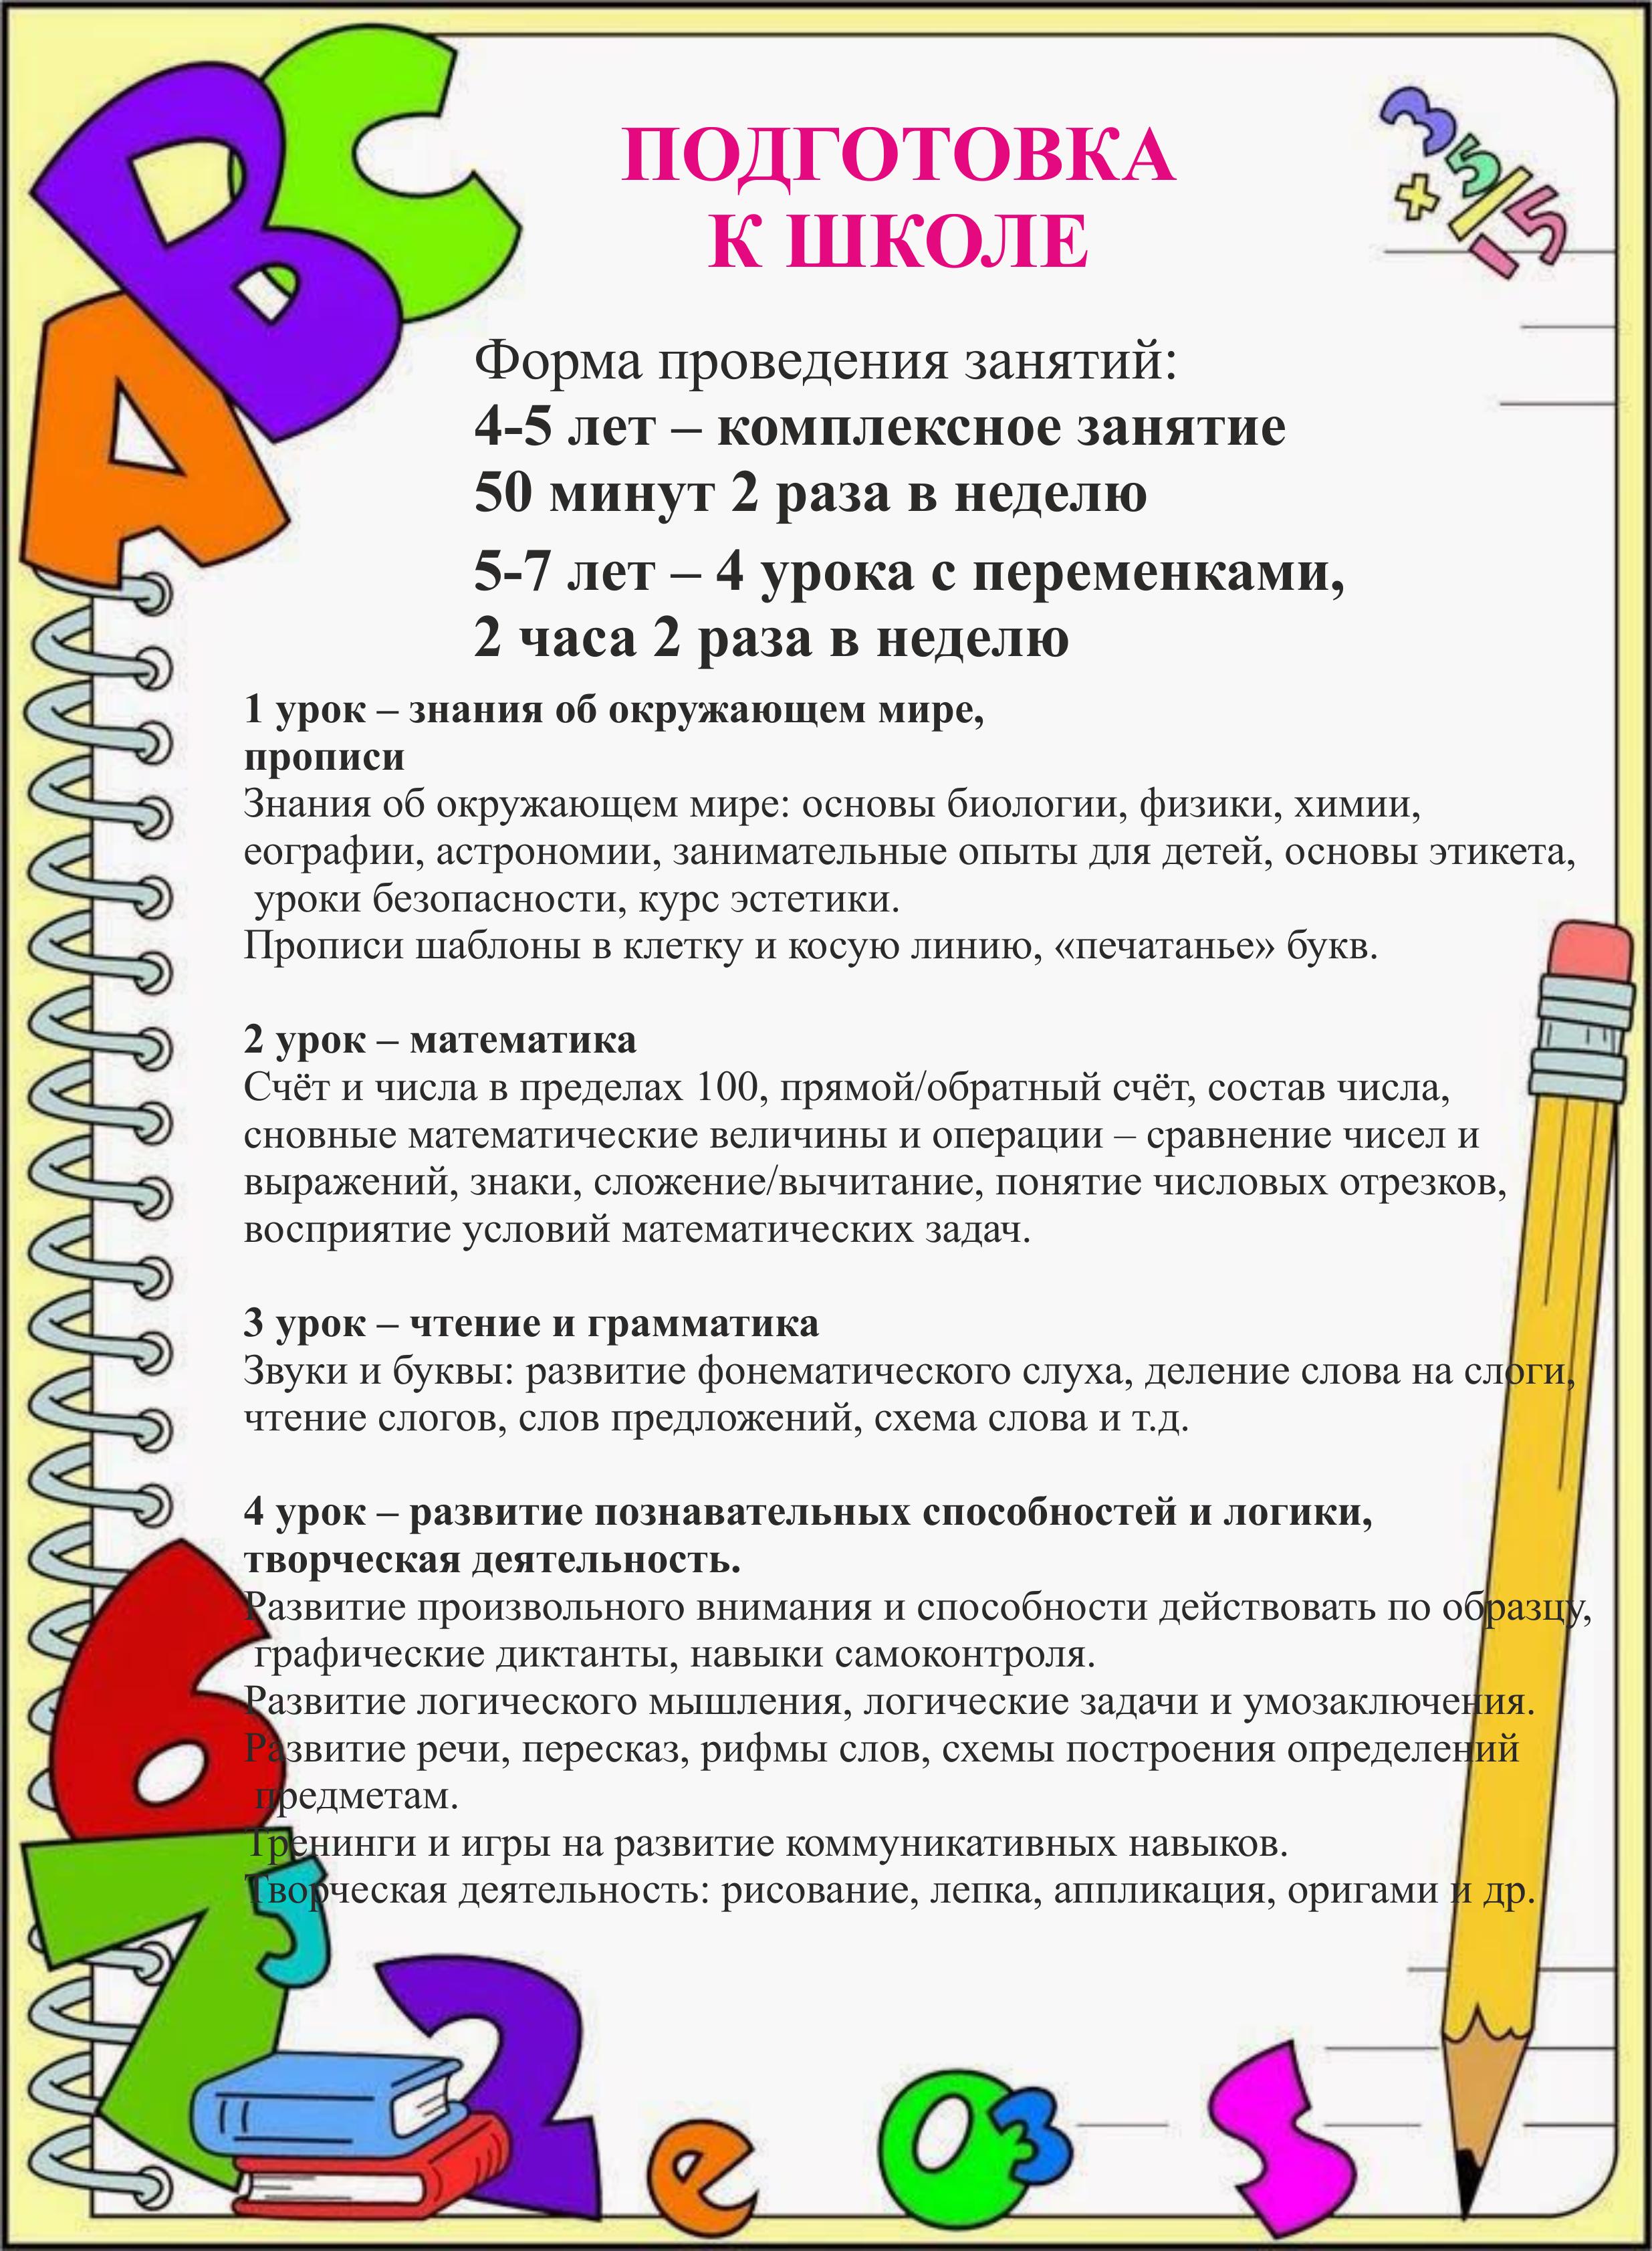 Схема подготовки к школе